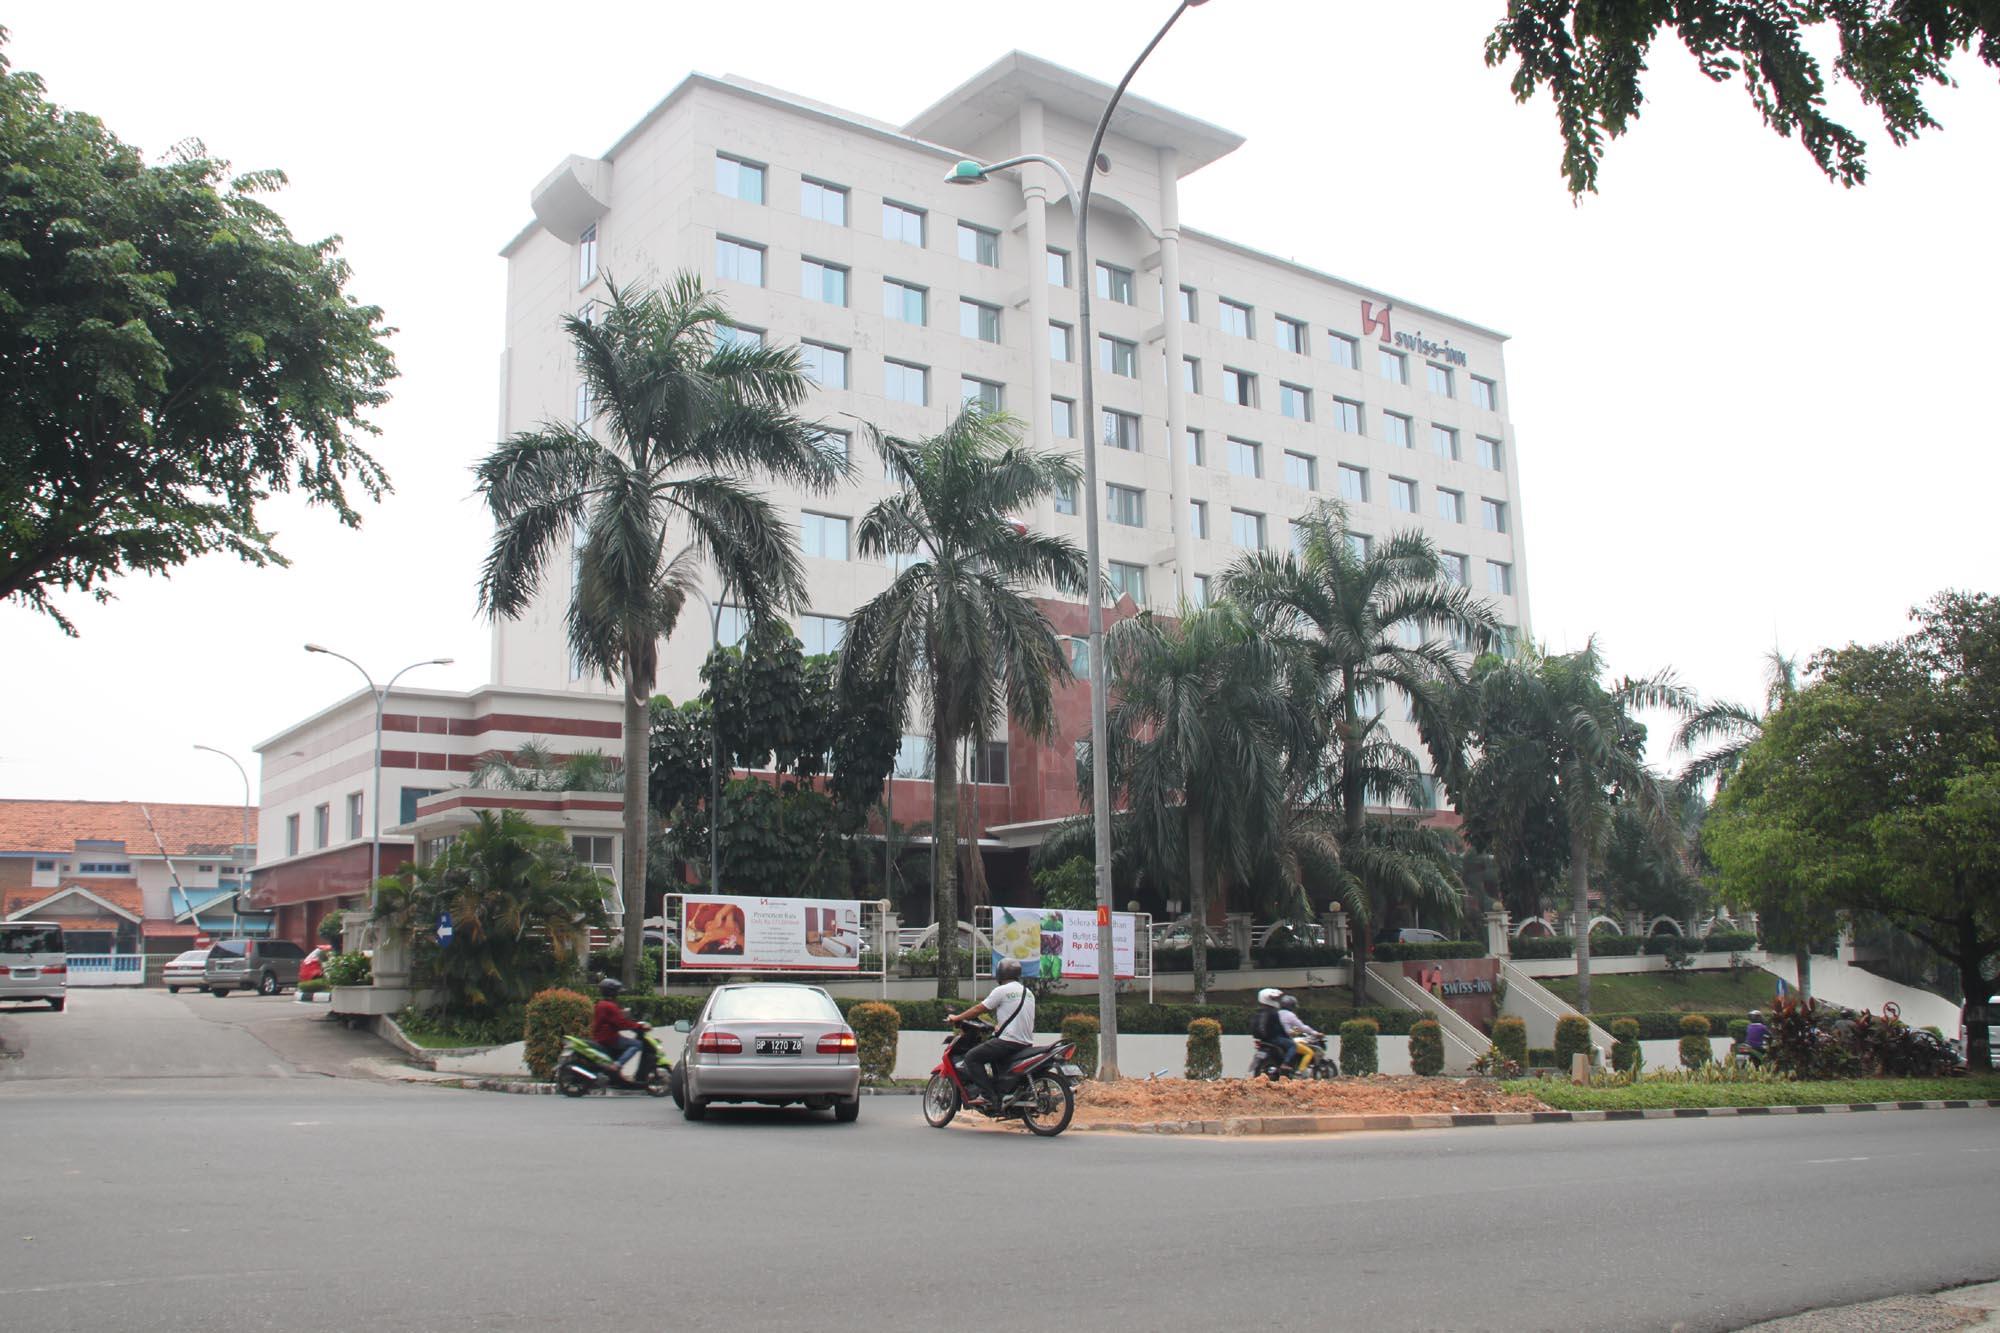 https://suprizaltanjung.files.wordpress.com/2013/06/swiss-inn-hotel-penuin-sn-17-juni-2013-f-suprizal-tanjung-image.jpg